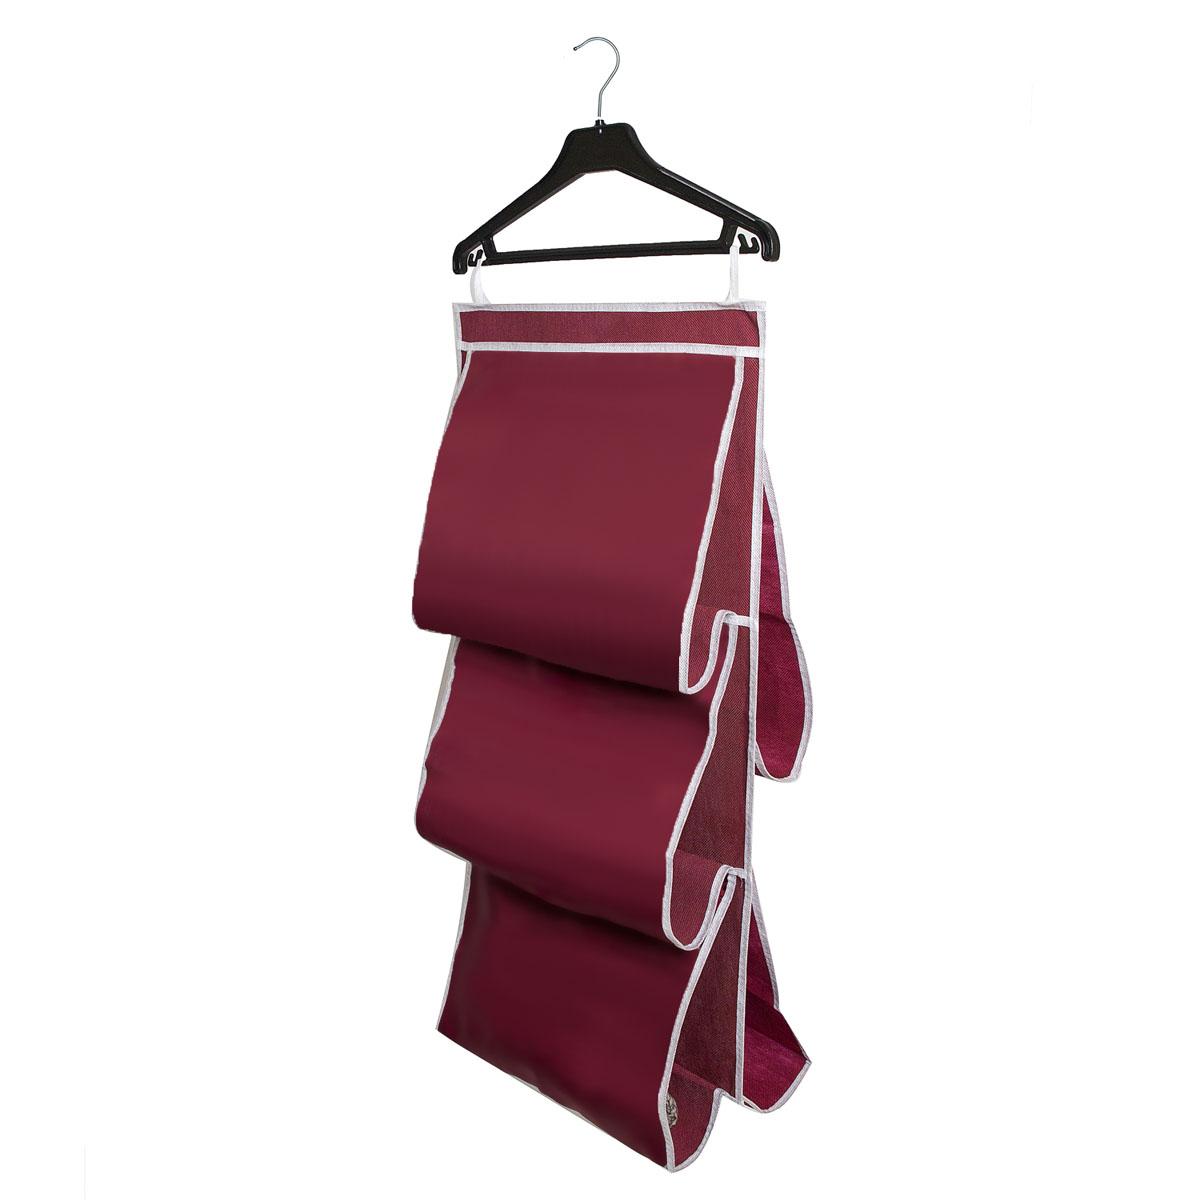 Органайзер для сумок Homsu Red Rose, 5 отделений, 40 х 70 смHOM-09Органайзер для хранения сумок Homsu Red Rose изготовлен из полиэстера. Изделие имеет 5 отделений, его можно повесить в удобное место за крючки. Такой компактный и удобный в каждодневном использовании аксессуар, как этот органайзер, размещающийся в пространстве шкафа, на плоскости стены или дверей. Практичный и удобный органайзер для хранения сумок. Размер чехла: 40 х 70 см.